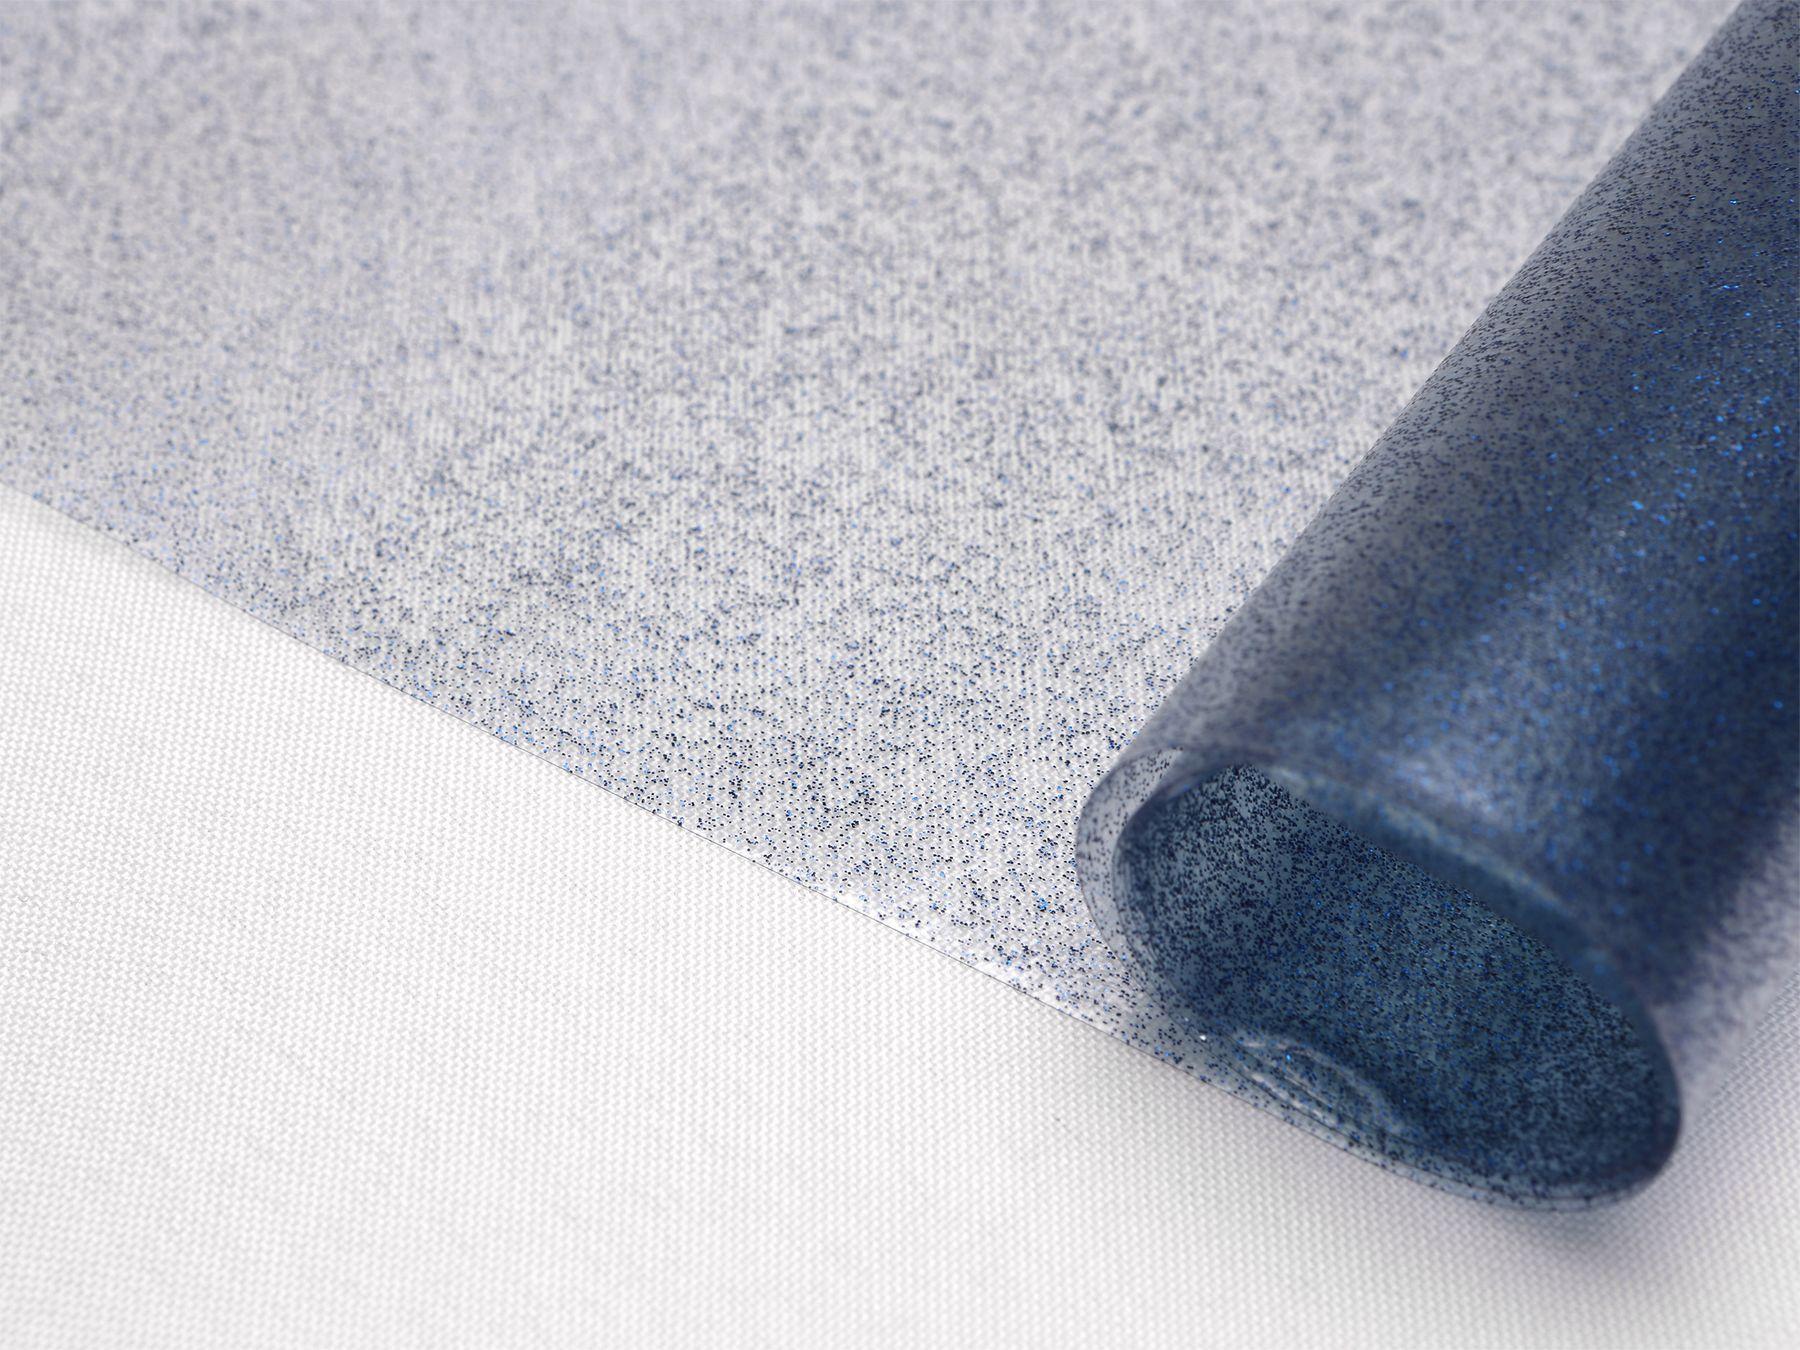 transparente folie glitter metallic farbe und gr e w hlbar tischdecke tischschutz rund oval. Black Bedroom Furniture Sets. Home Design Ideas